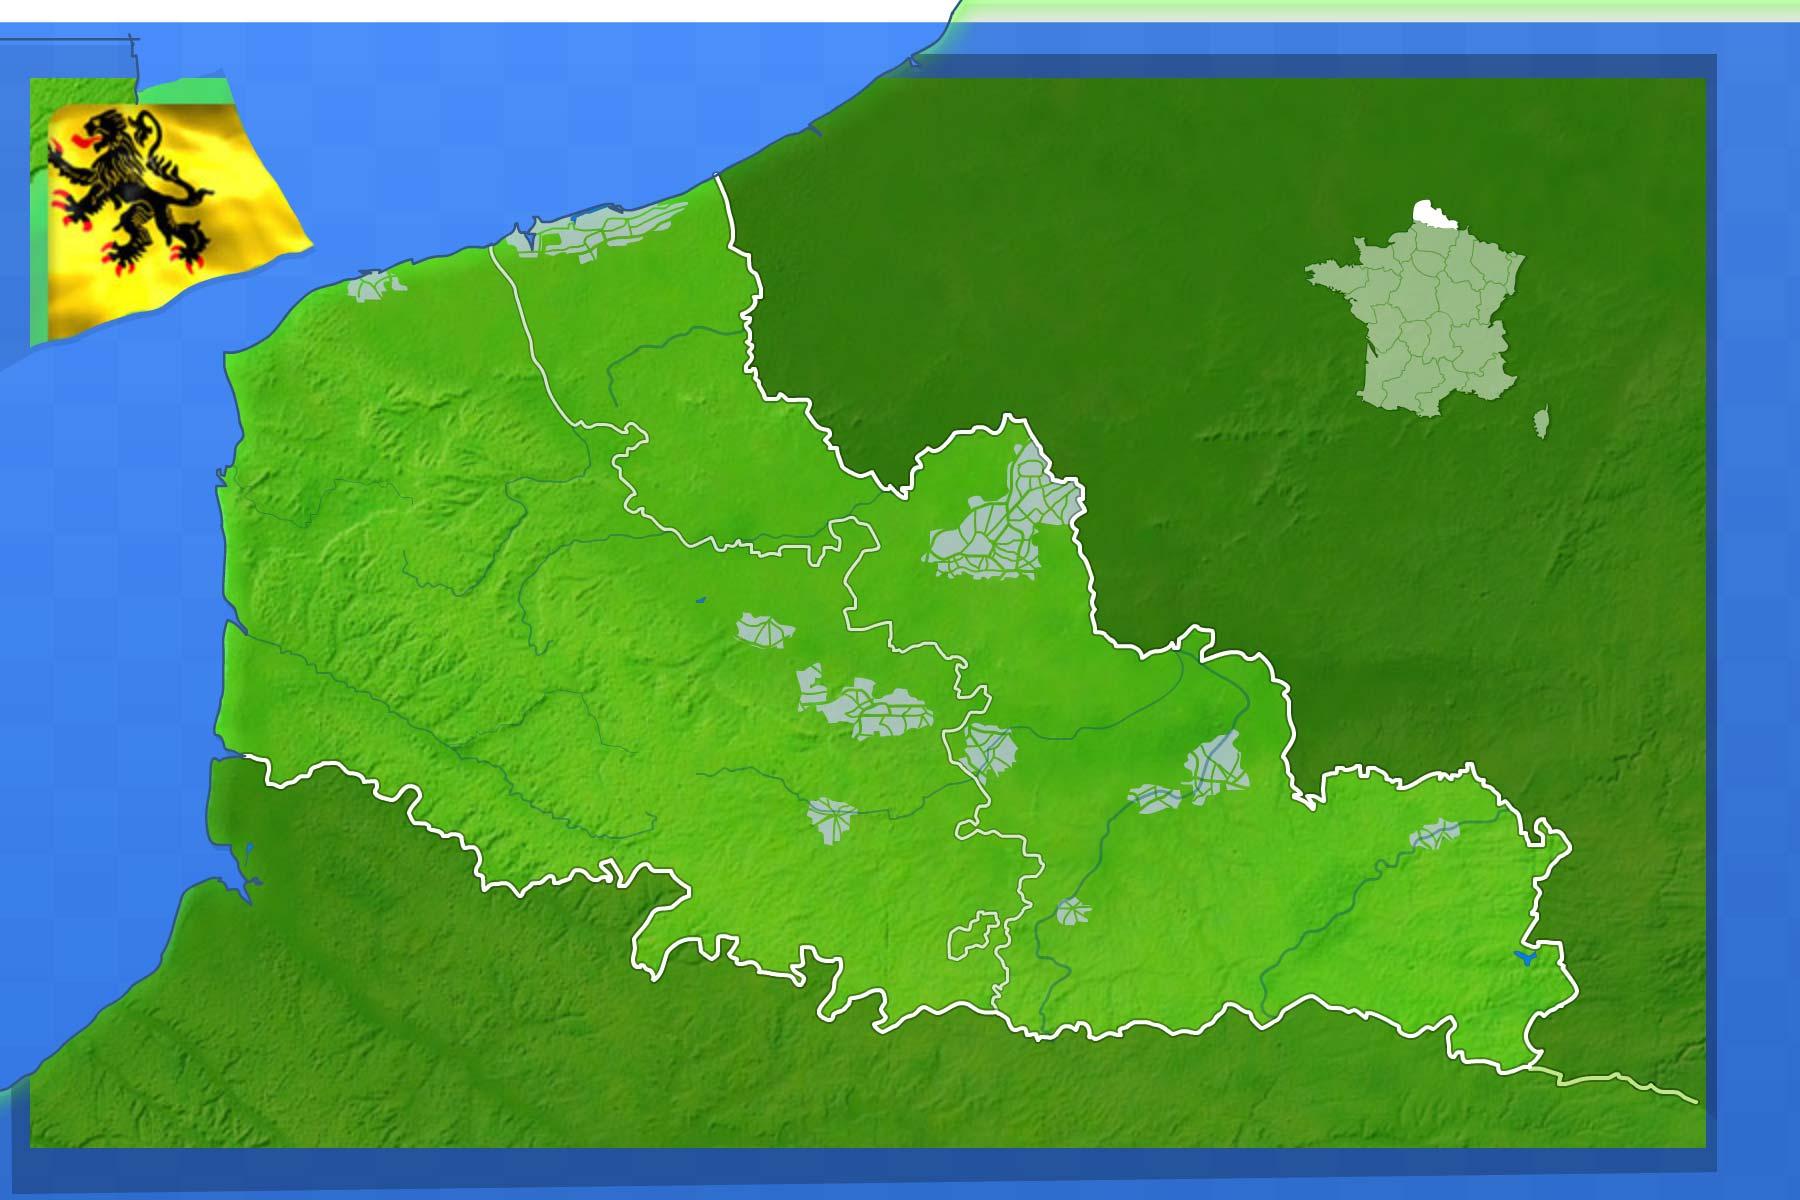 Jeux-Geographiques Jeux Gratuits Villes Du Nord Pas De serapportantà Jeu Geographie France